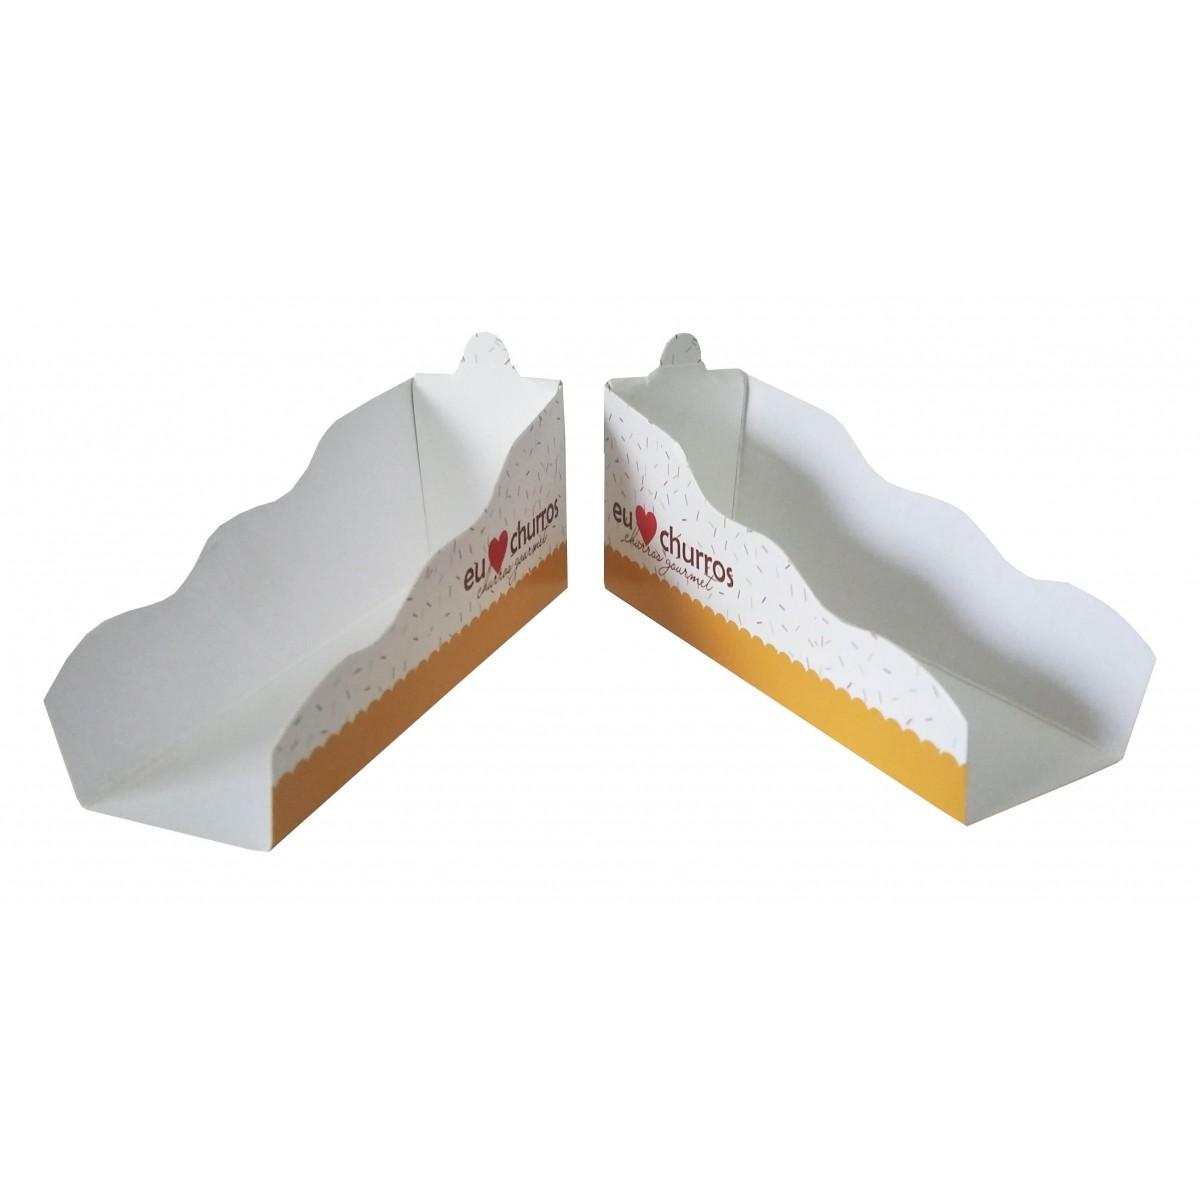 Embalagem para Mini Churros - 100 unidades